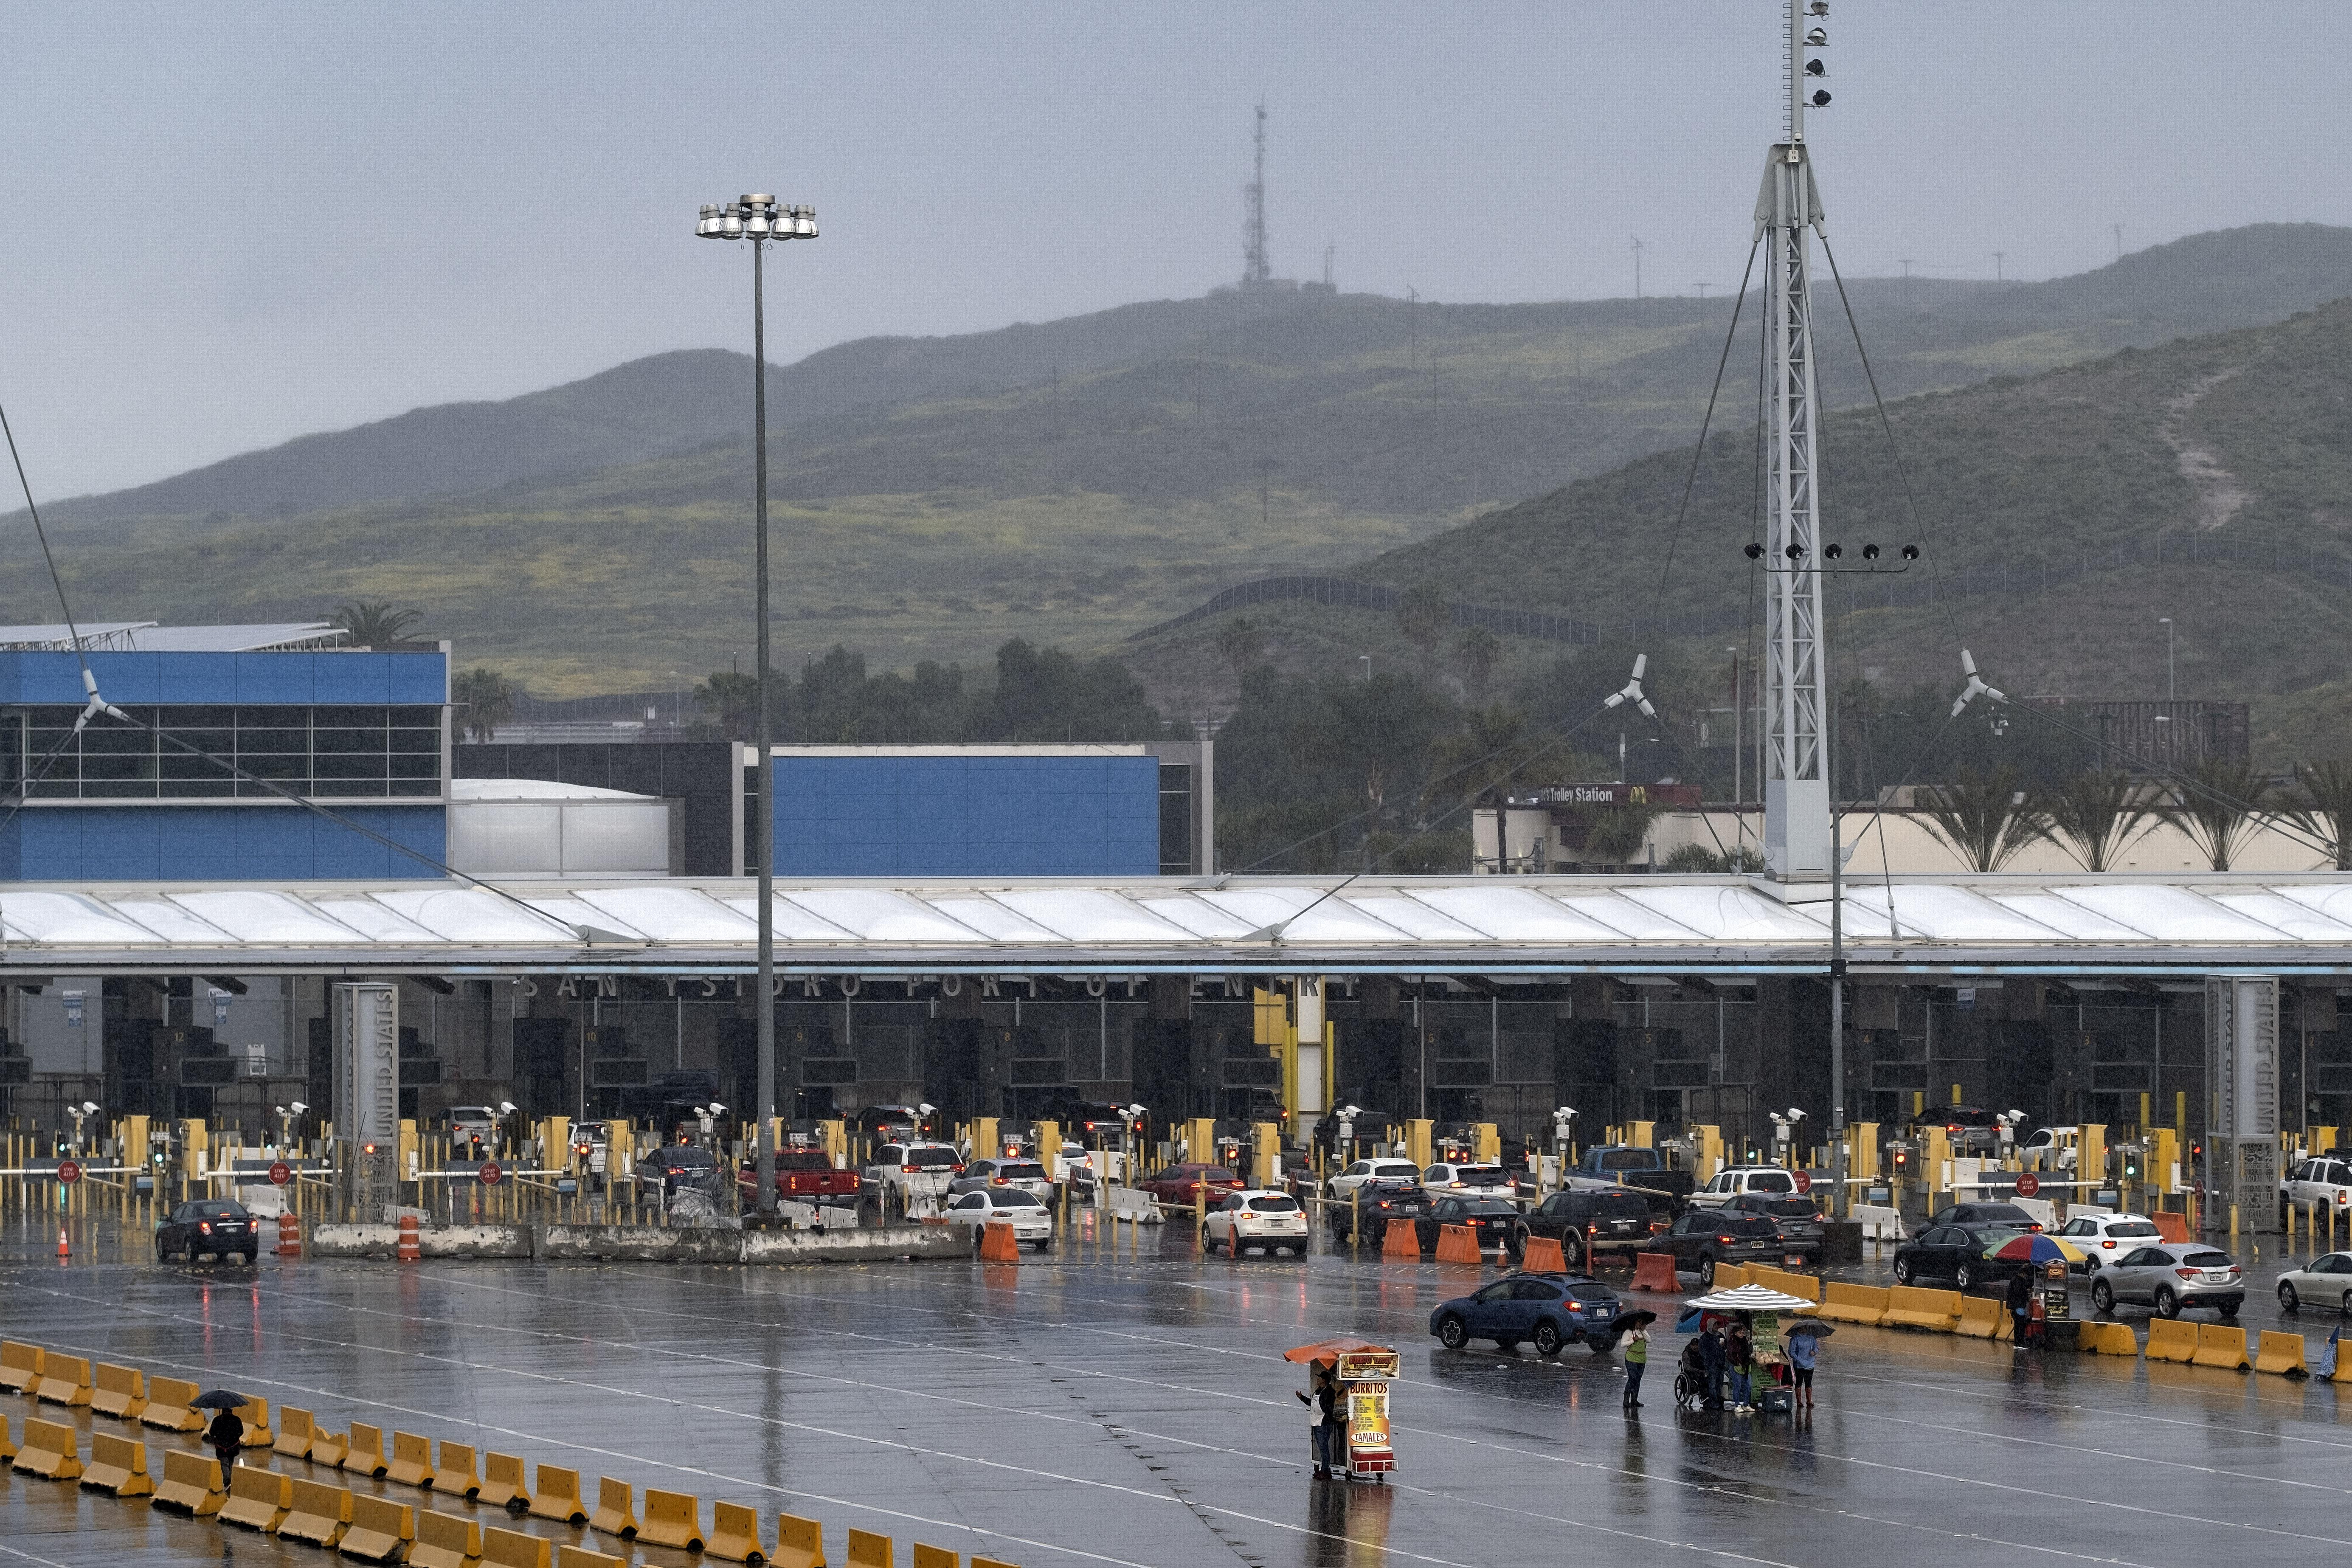 Vista del puerto de entrada de San Ysidro cuando pocos automóviles ingresan a los EE. UU. Desde Tijuana, estado de Baja California, México, el 19 de marzo de 2020.